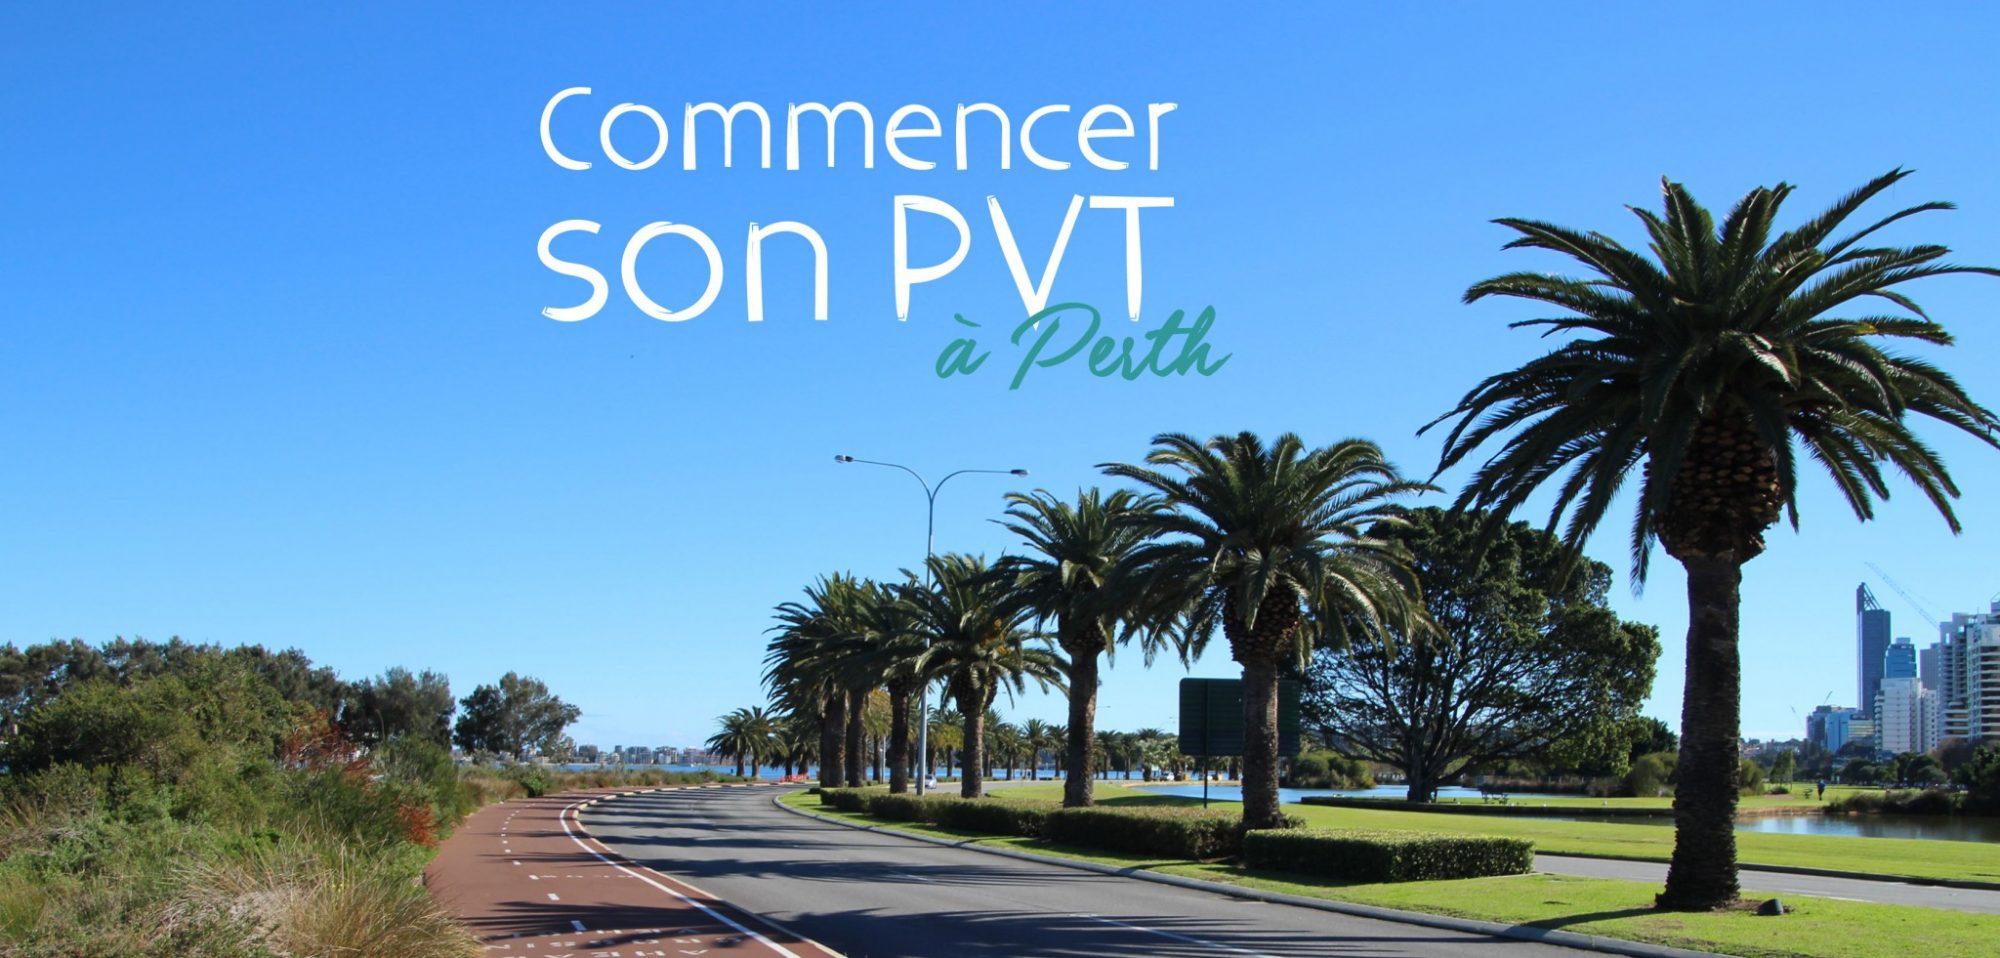 Dans quelle ville commencer son PVT en Australie